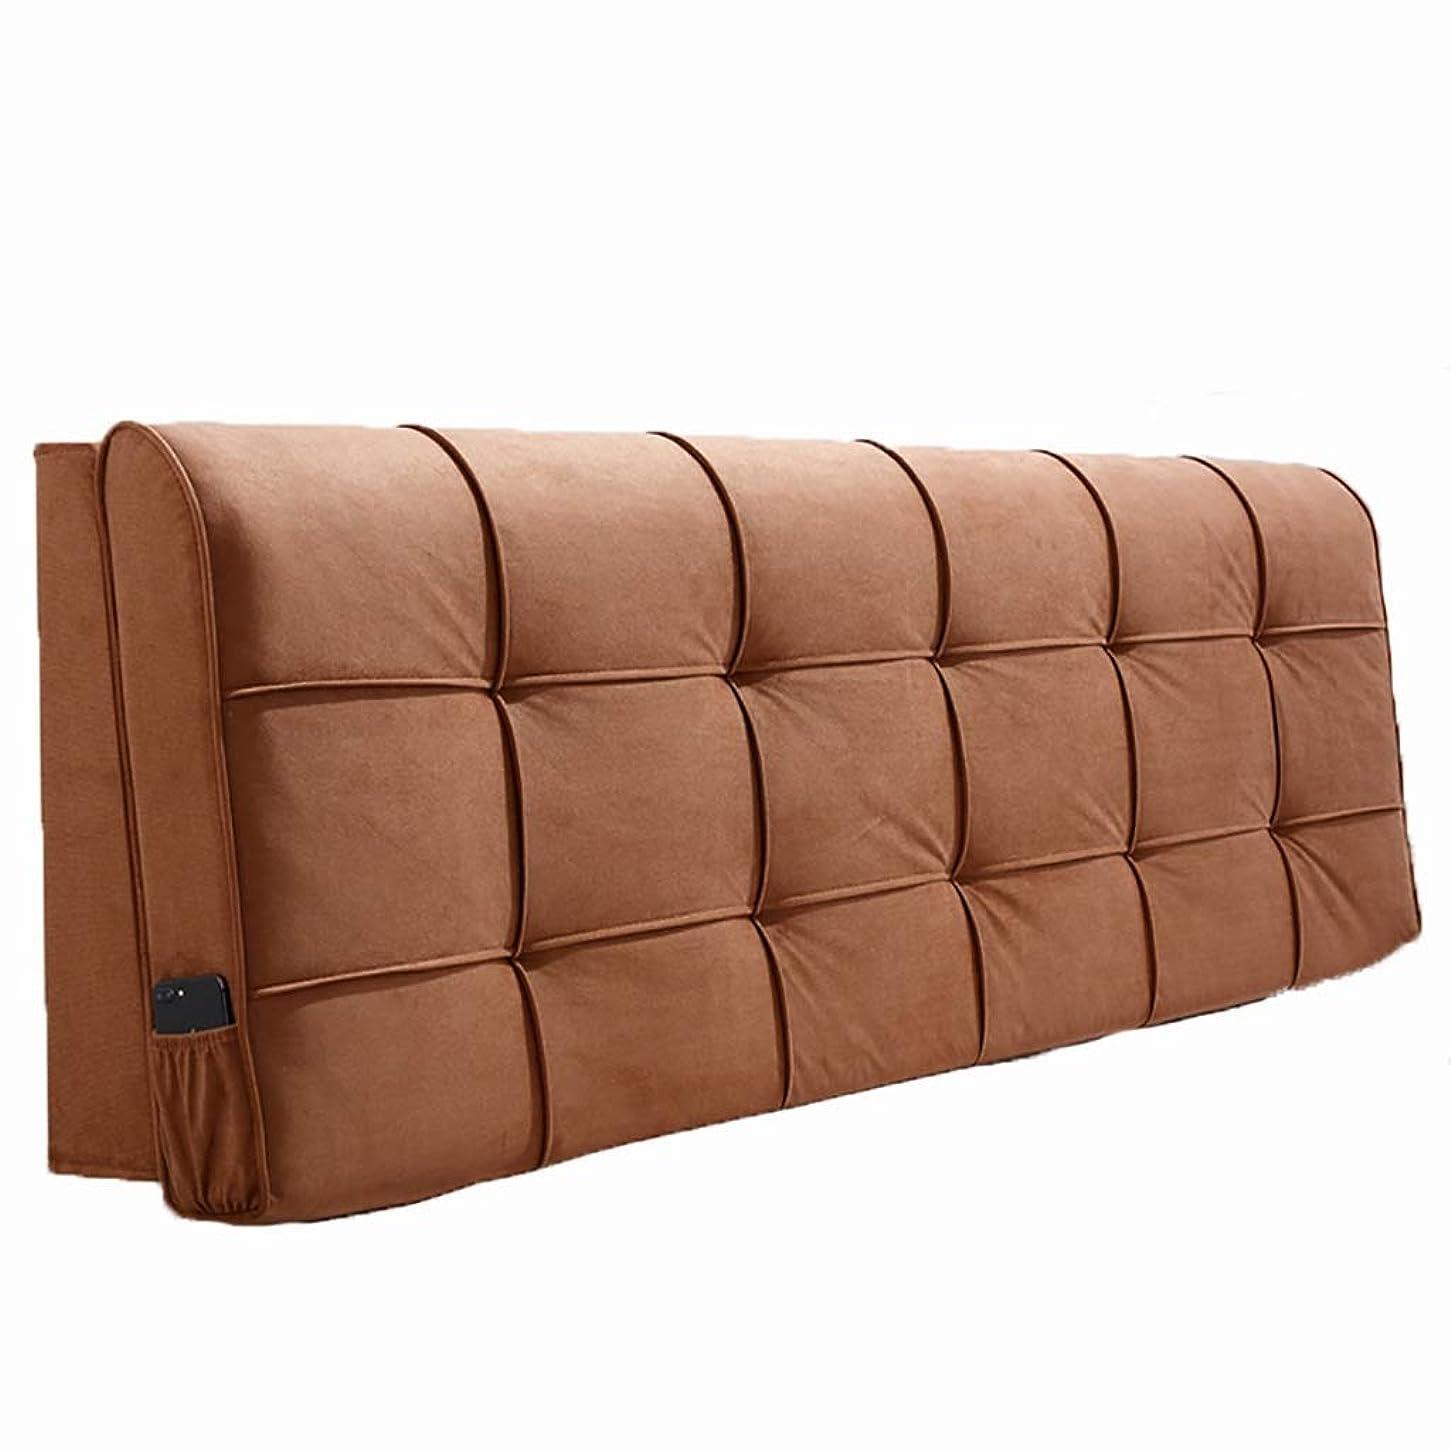 救いダーリン最高ベッド枕 ベッドサイドクッションソフトバッグ大背もたれシンプルなダブルぬいぐるみ素材取り外し可能な洗える枕ベッドカバーセットベッドサイド使用スポンジフィラーサイズ90センチメートル - 200センチメートル 写真ベッド枕首まくら (色 : J j, サイズ さいず : 150cm)